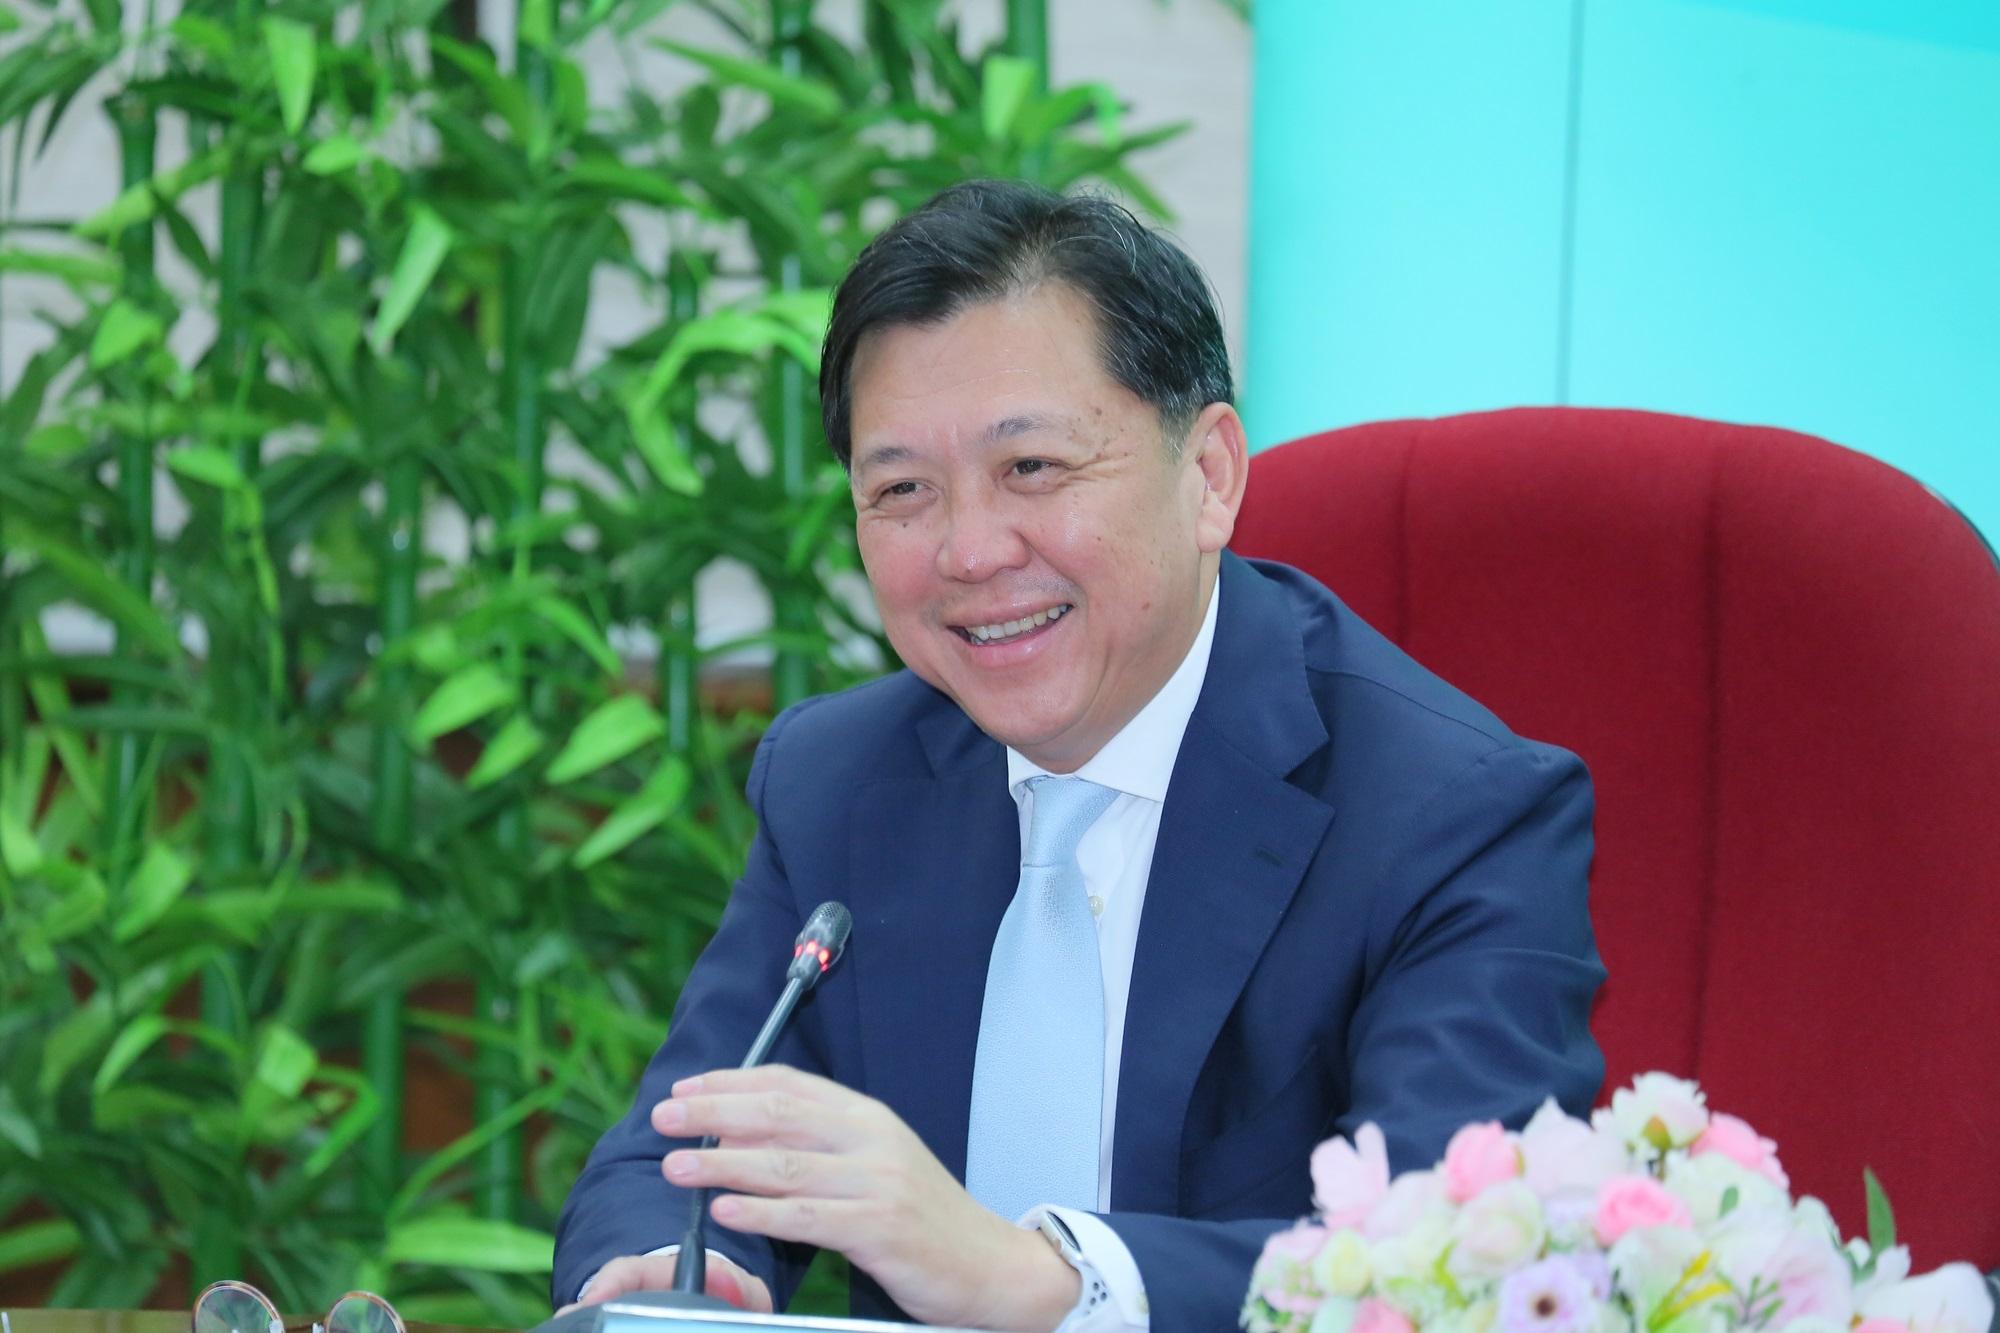 ทช. จัดแถลงข่าวเชิญชวน ปชช.ร่วมงานประชุมรัฐมนตรีอาเซียนฯ และงานมหกรรม ทส. 4 ภาคฯ ครั้งที่ 4 (ภาคใต้)